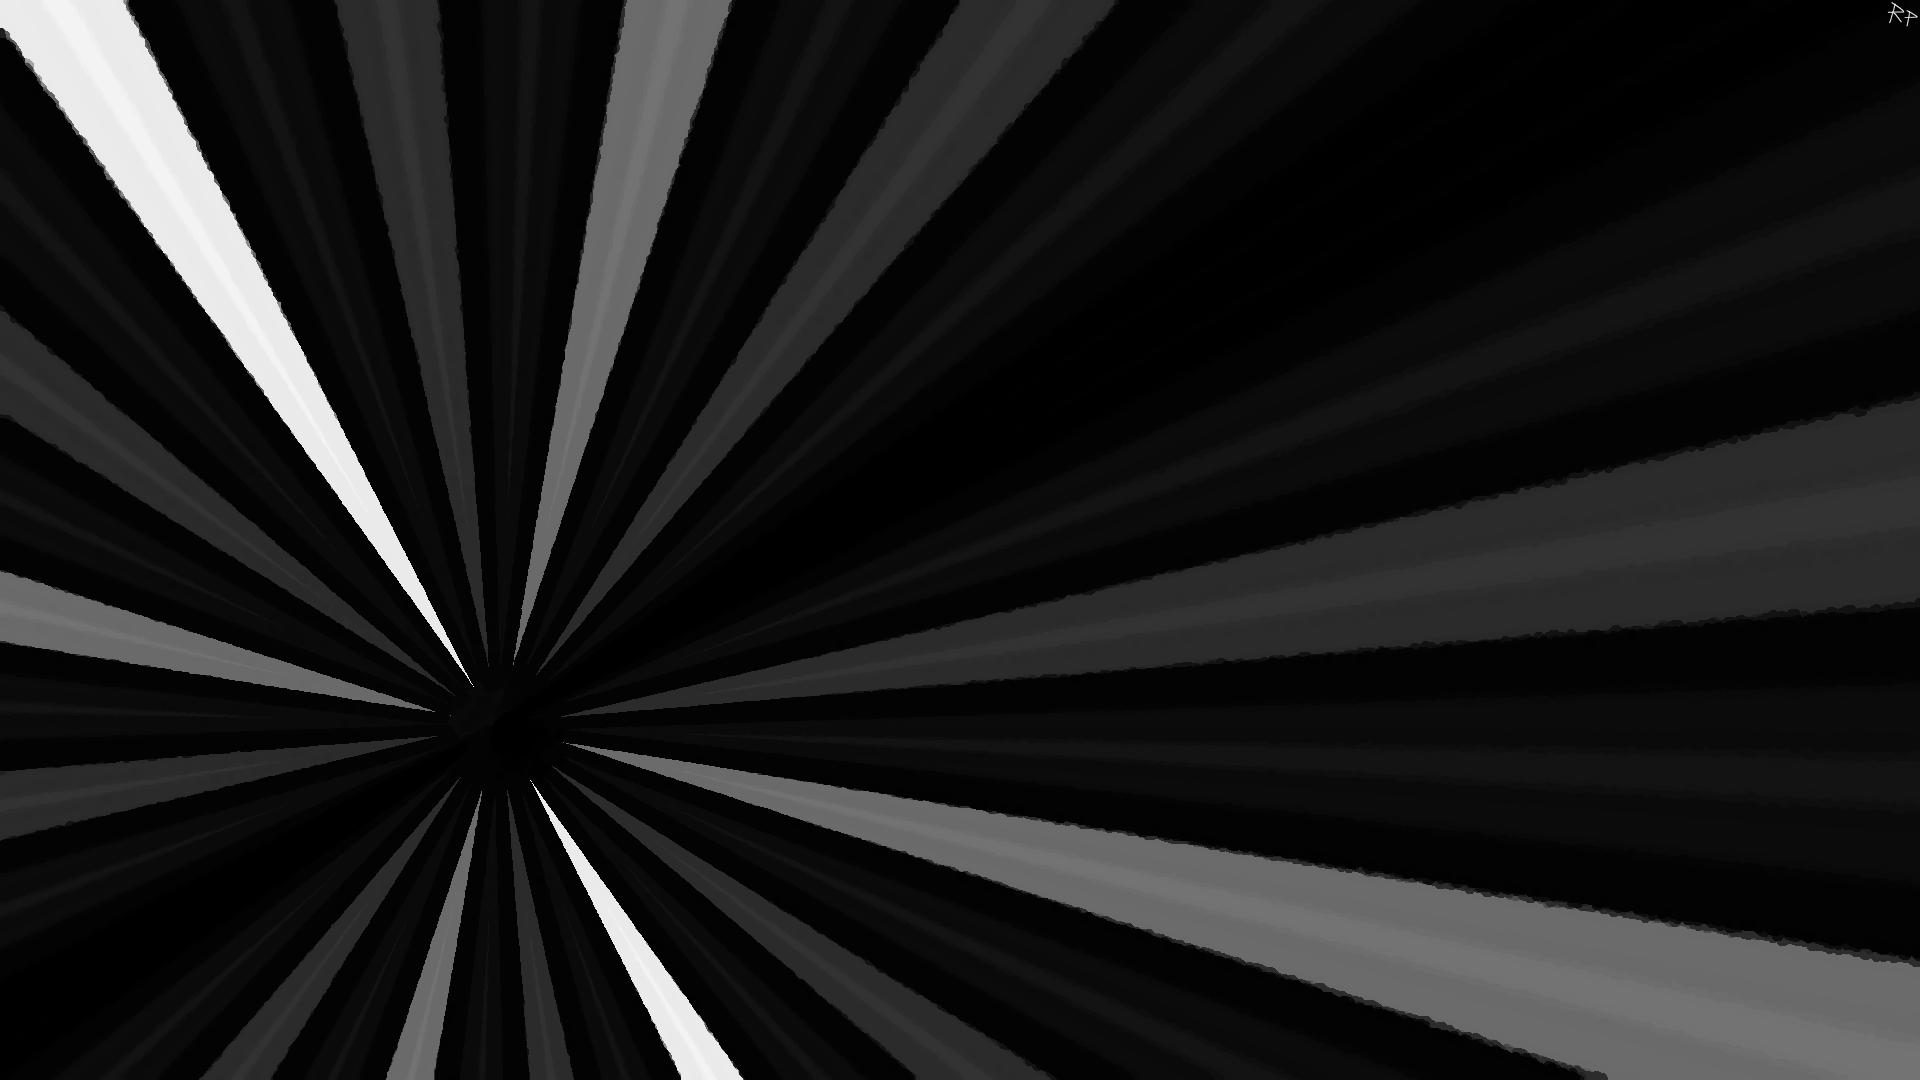 Fondos De Pantalla Luz De Sol Monocromo Simetría